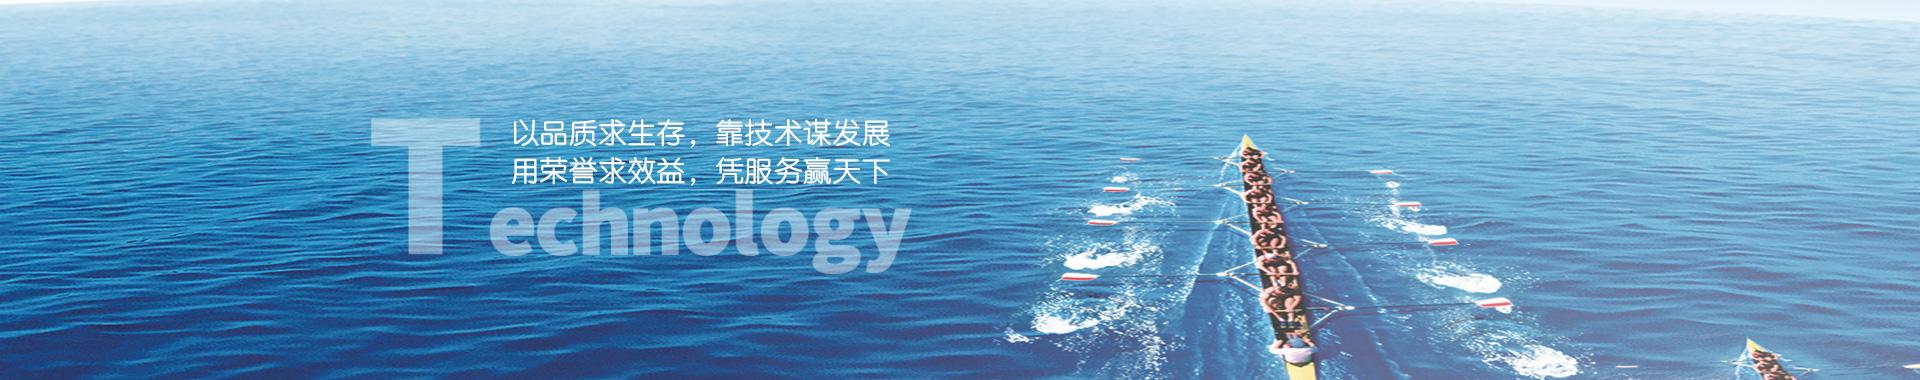 8455新葡萄娱乐-www.8455.com-澳门新葡8455最新网站